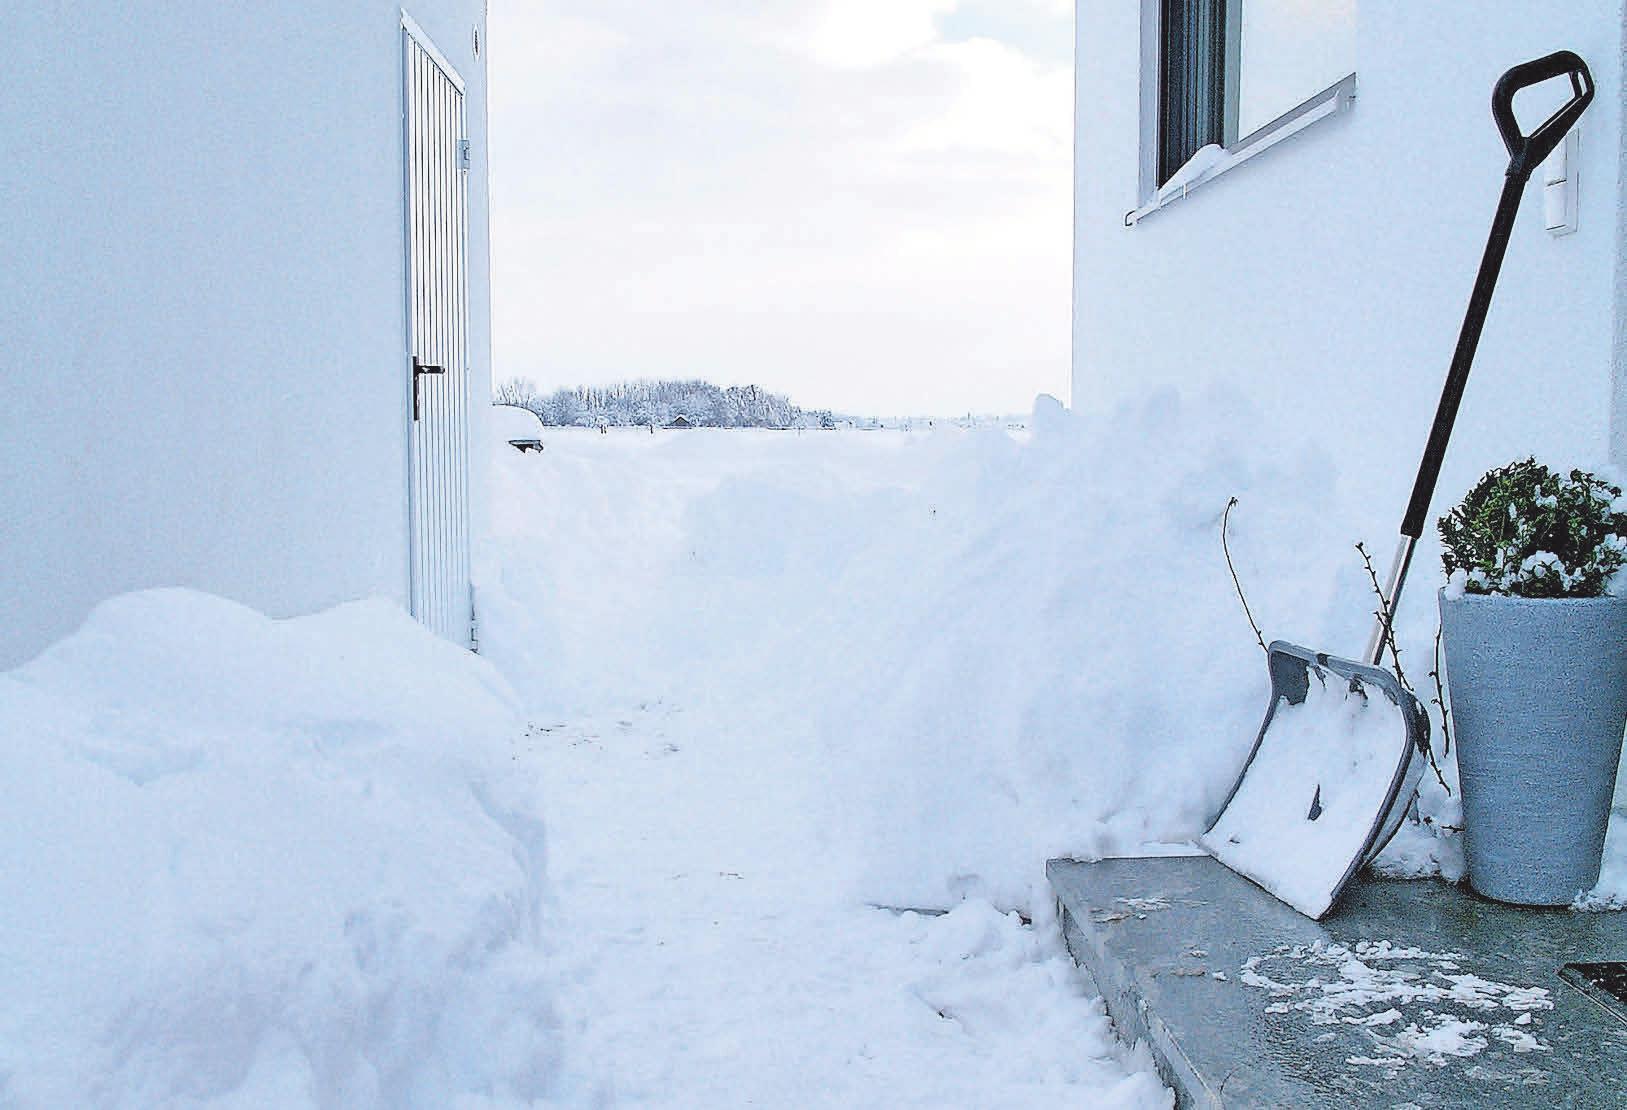 Wichtige Zugänge und Wege am Haus müssen gefahrlos begehbar sein. Foto: tdx/Mein Ziegelhaus